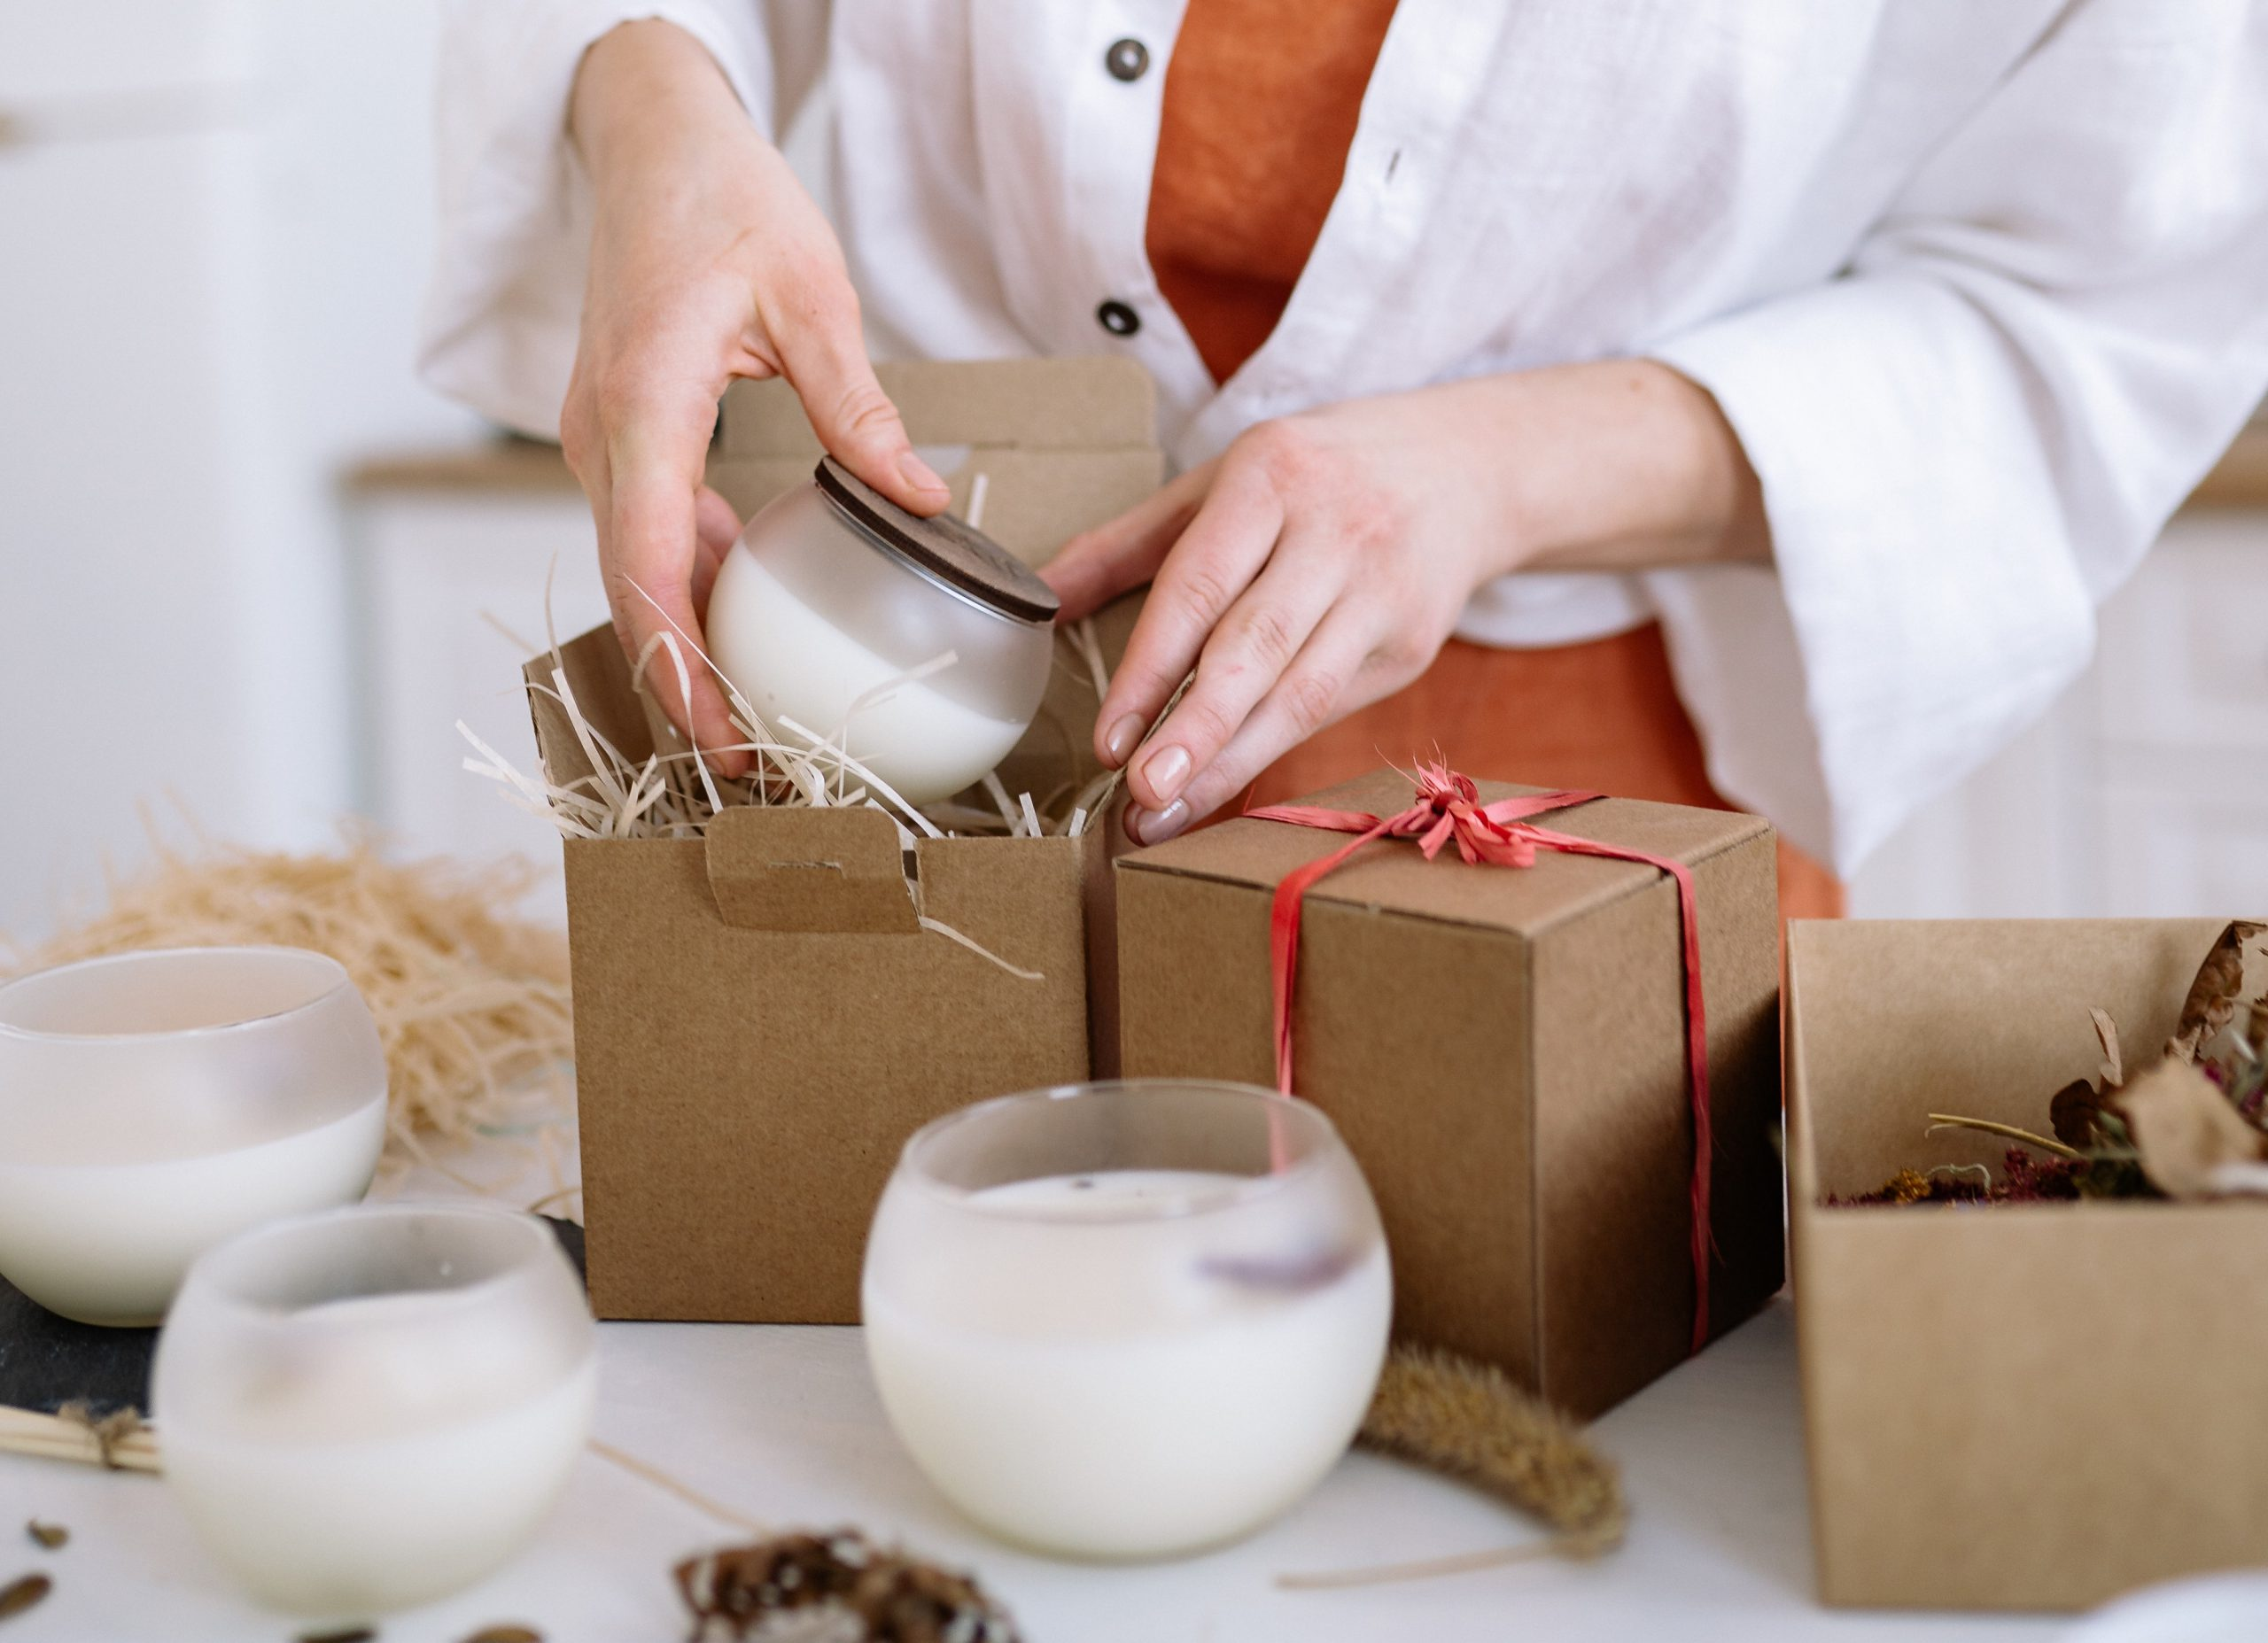 Réduire vos coûts d'emballage grâce aux tailles personnalisées